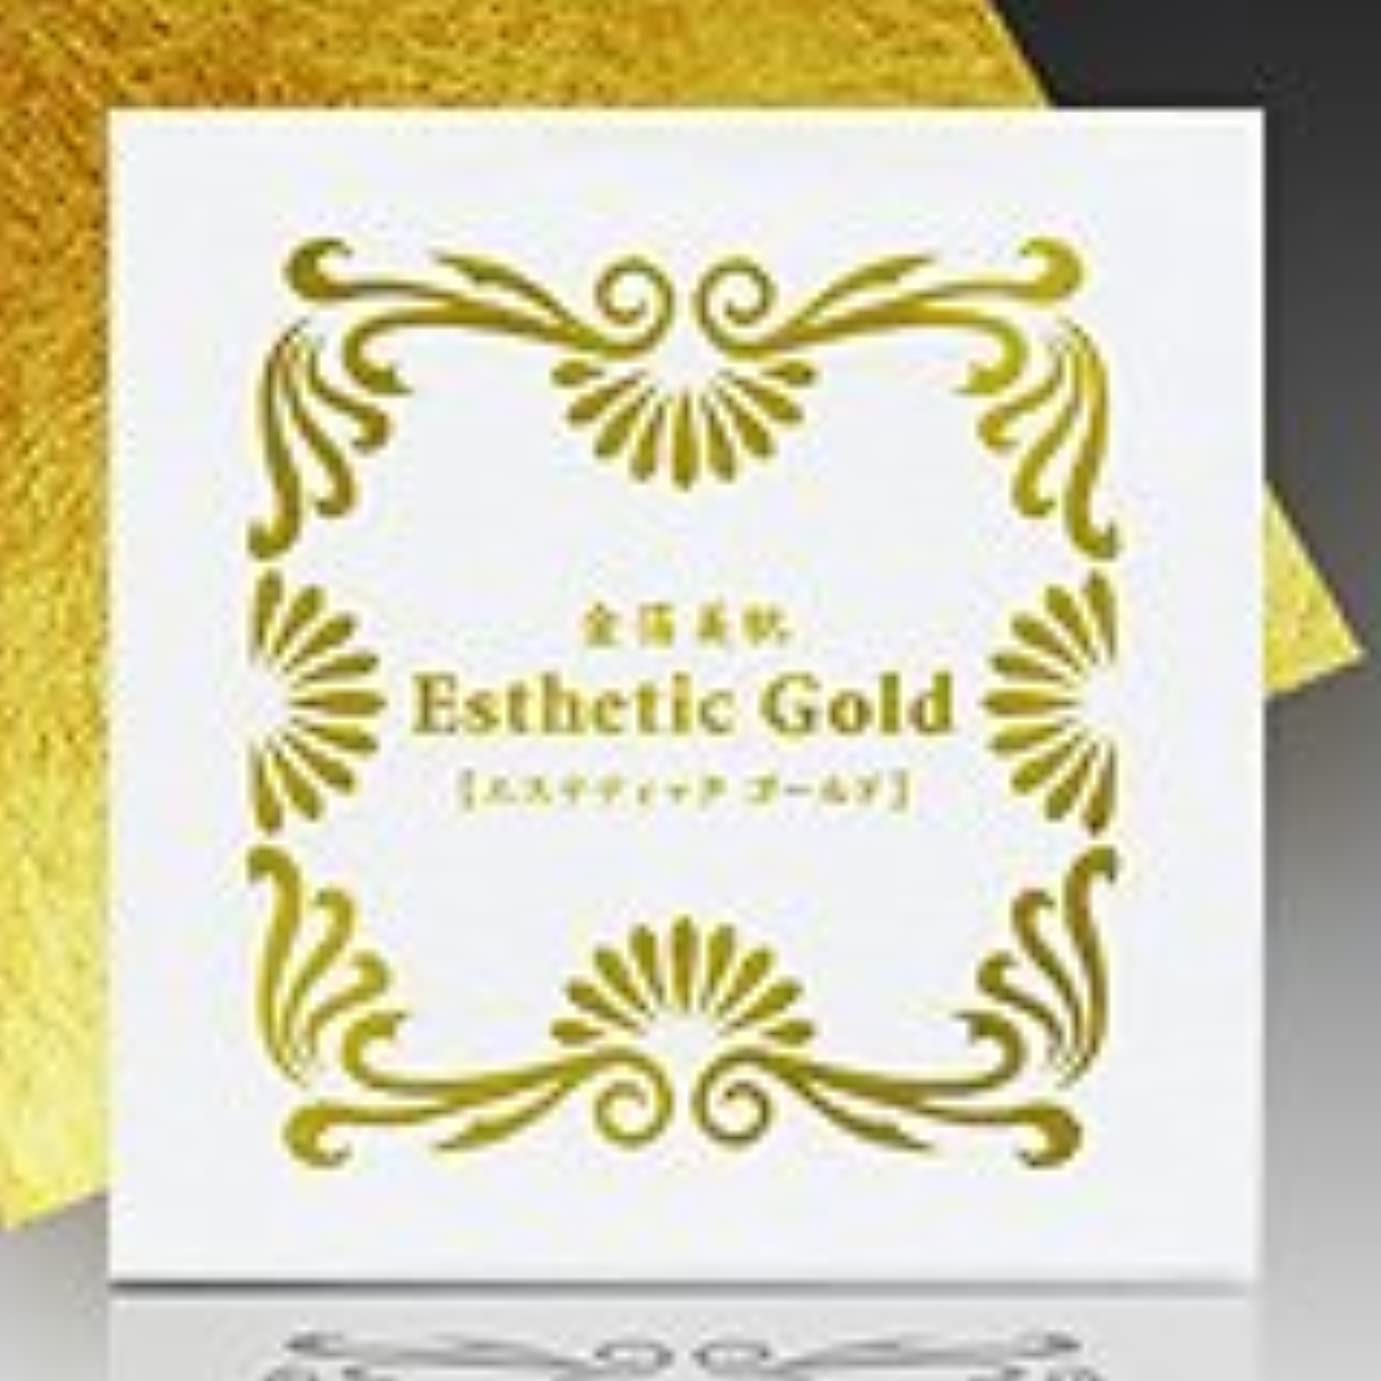 破壊的一般的なオーナー【金箔 美肌】エステティック ゴールド 24K-10枚入【日本製】